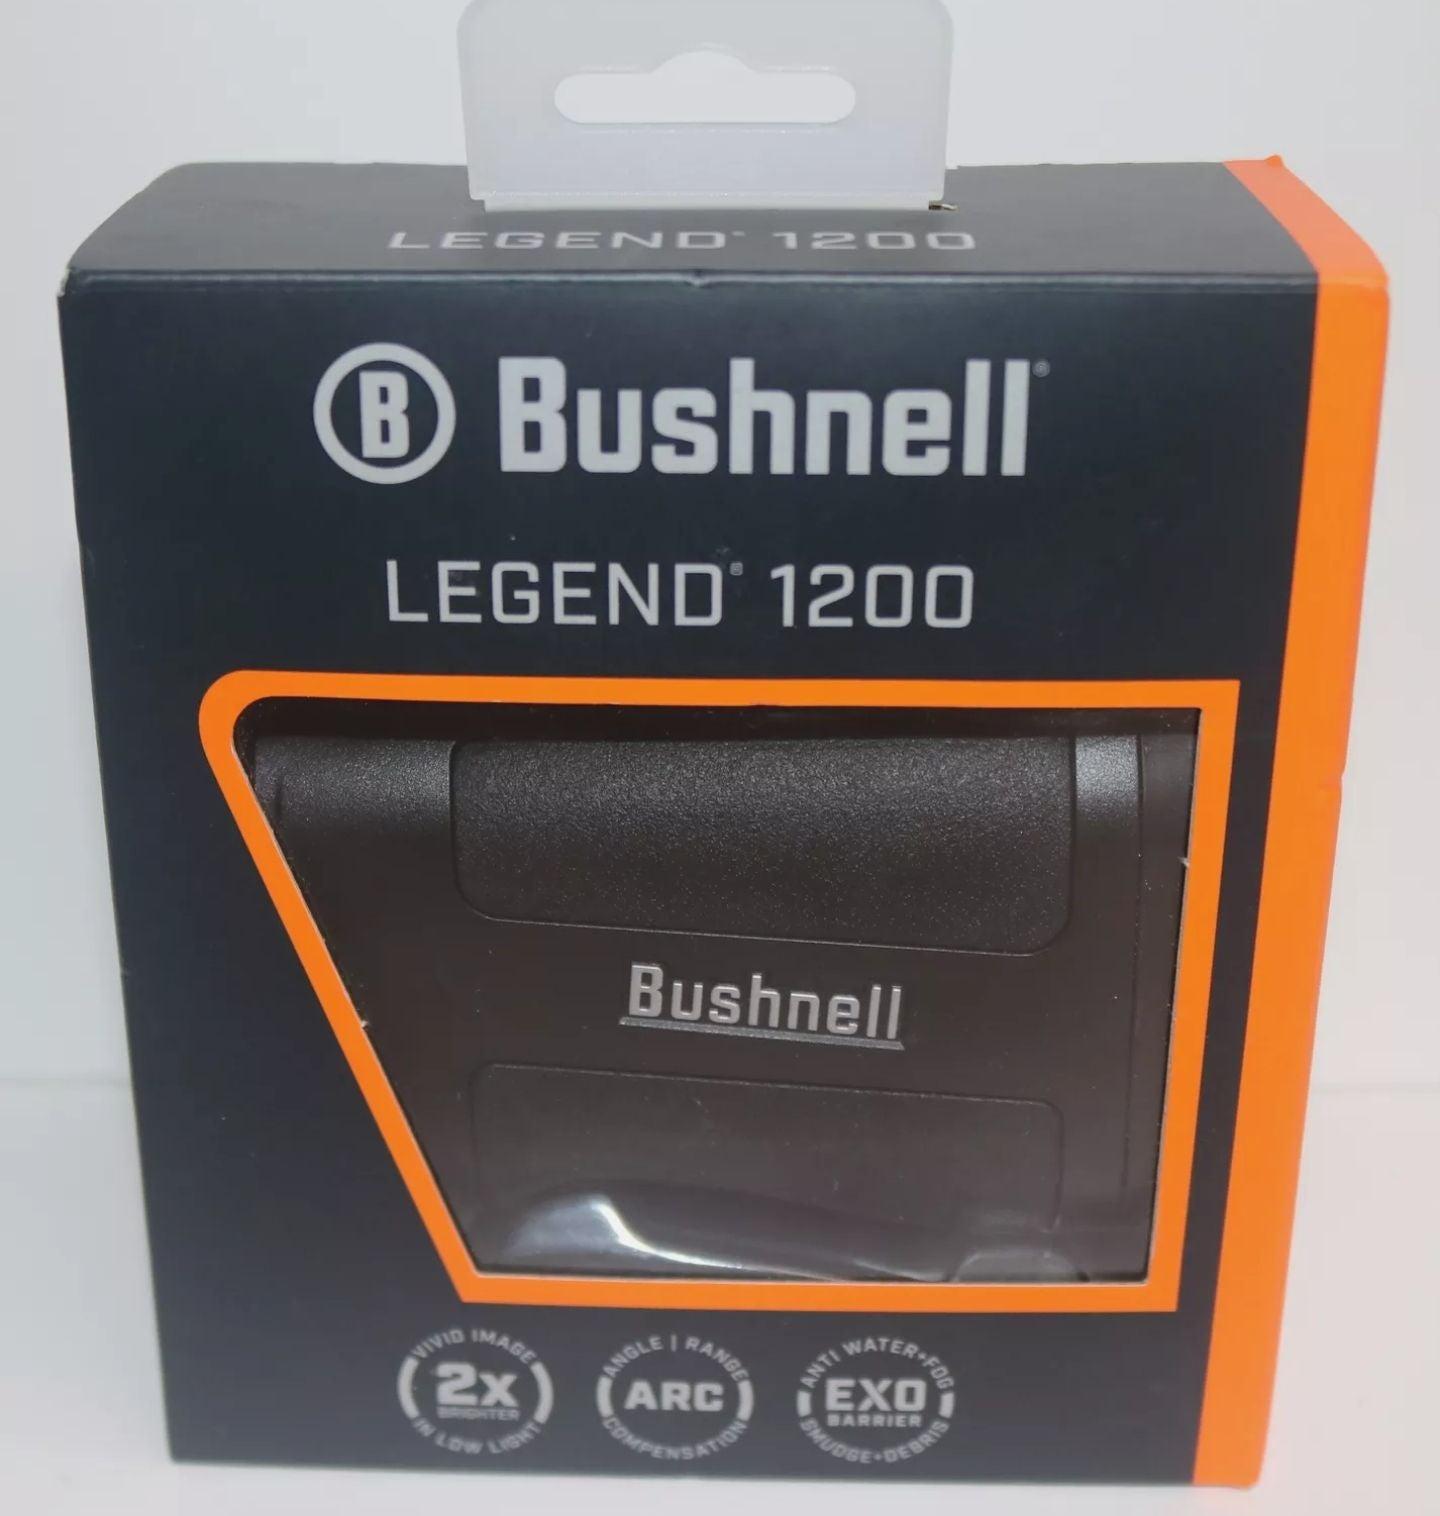 Bushnell Legend 1200